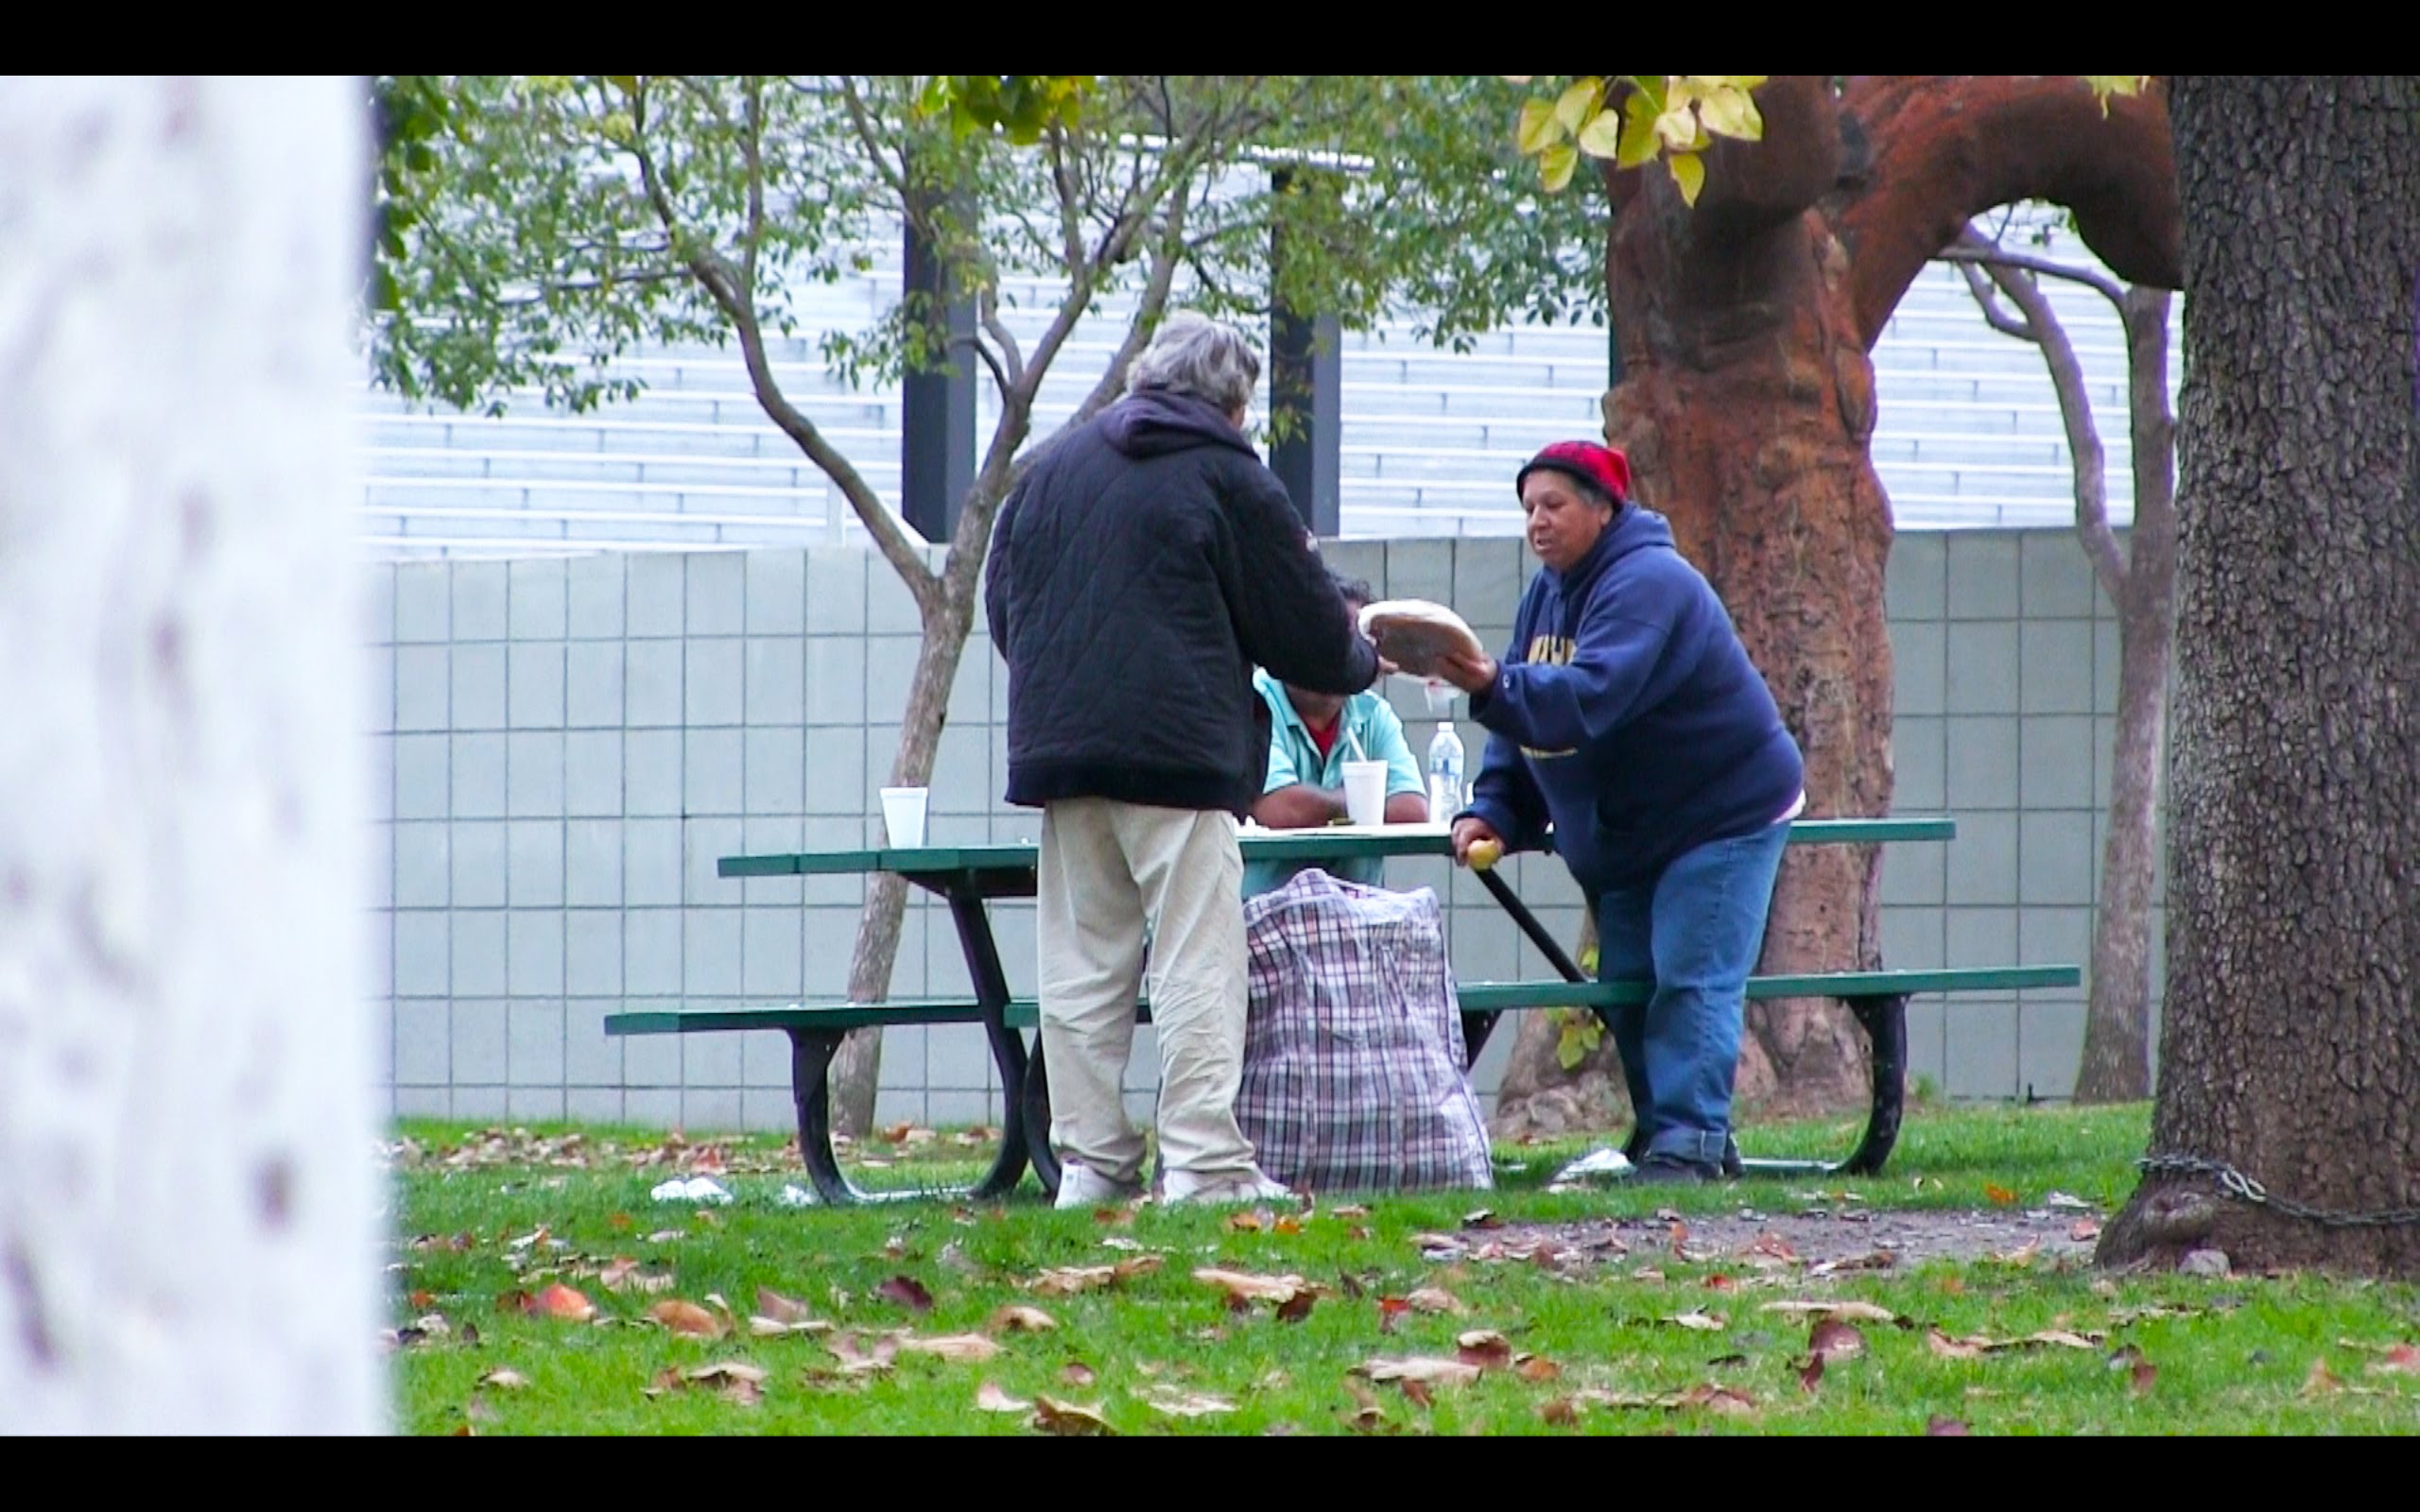 子どもに見せたい動画29「ホームレスに1万円渡したら•••」